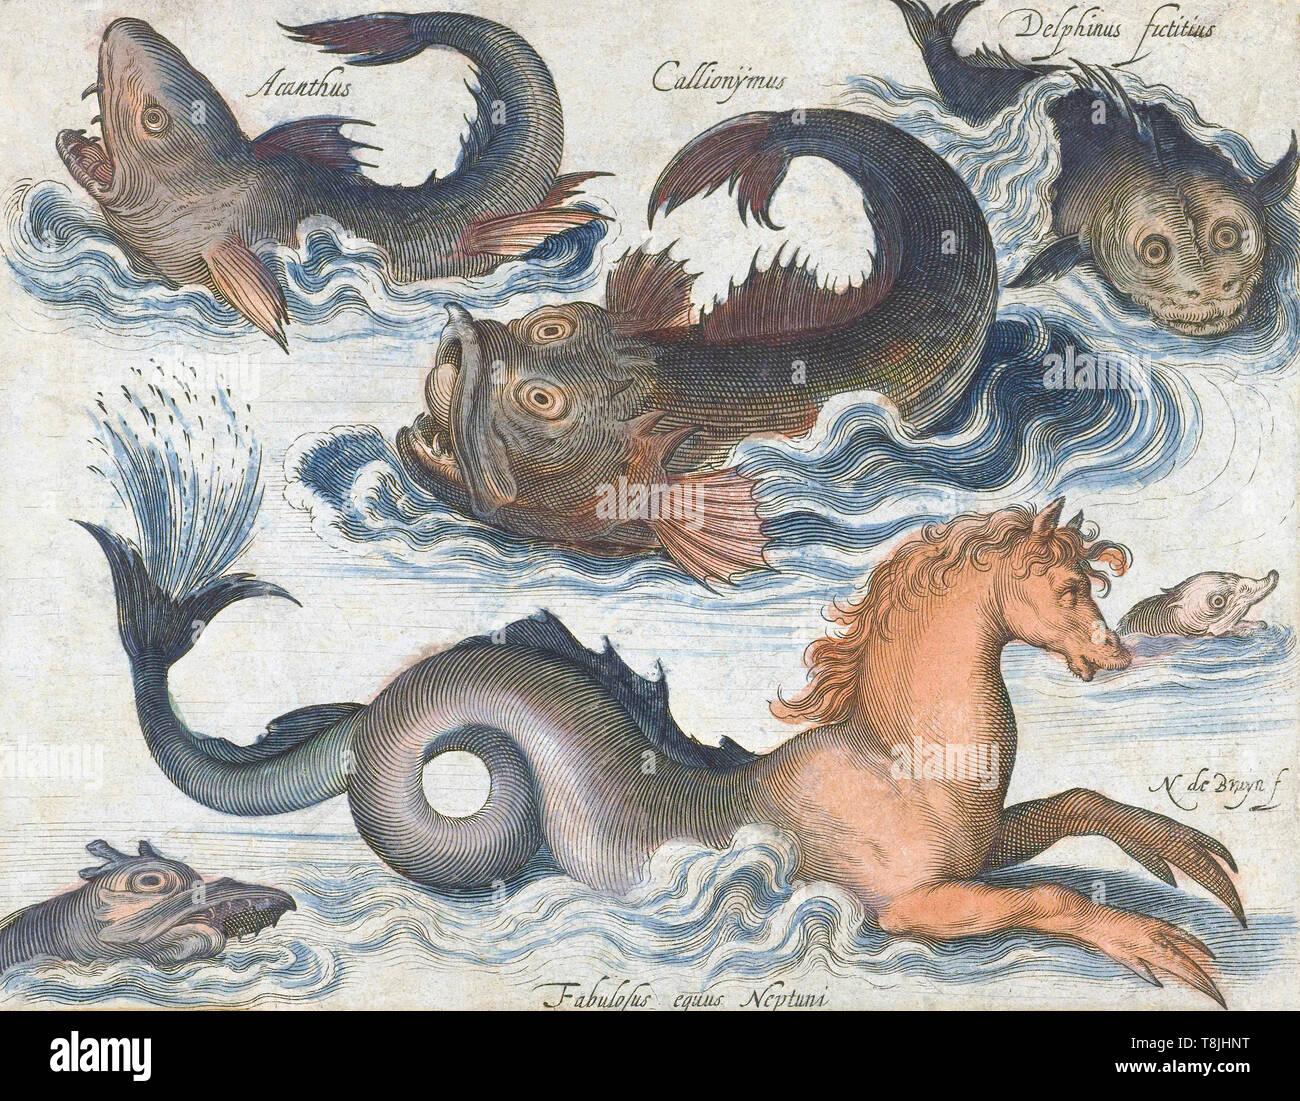 Caballito de mar y otras criaturas del mar imaginario, después de un siglo xvii grabado de Nicolaes de Bruyn. Posteriormente coloreado. Imagen De Stock